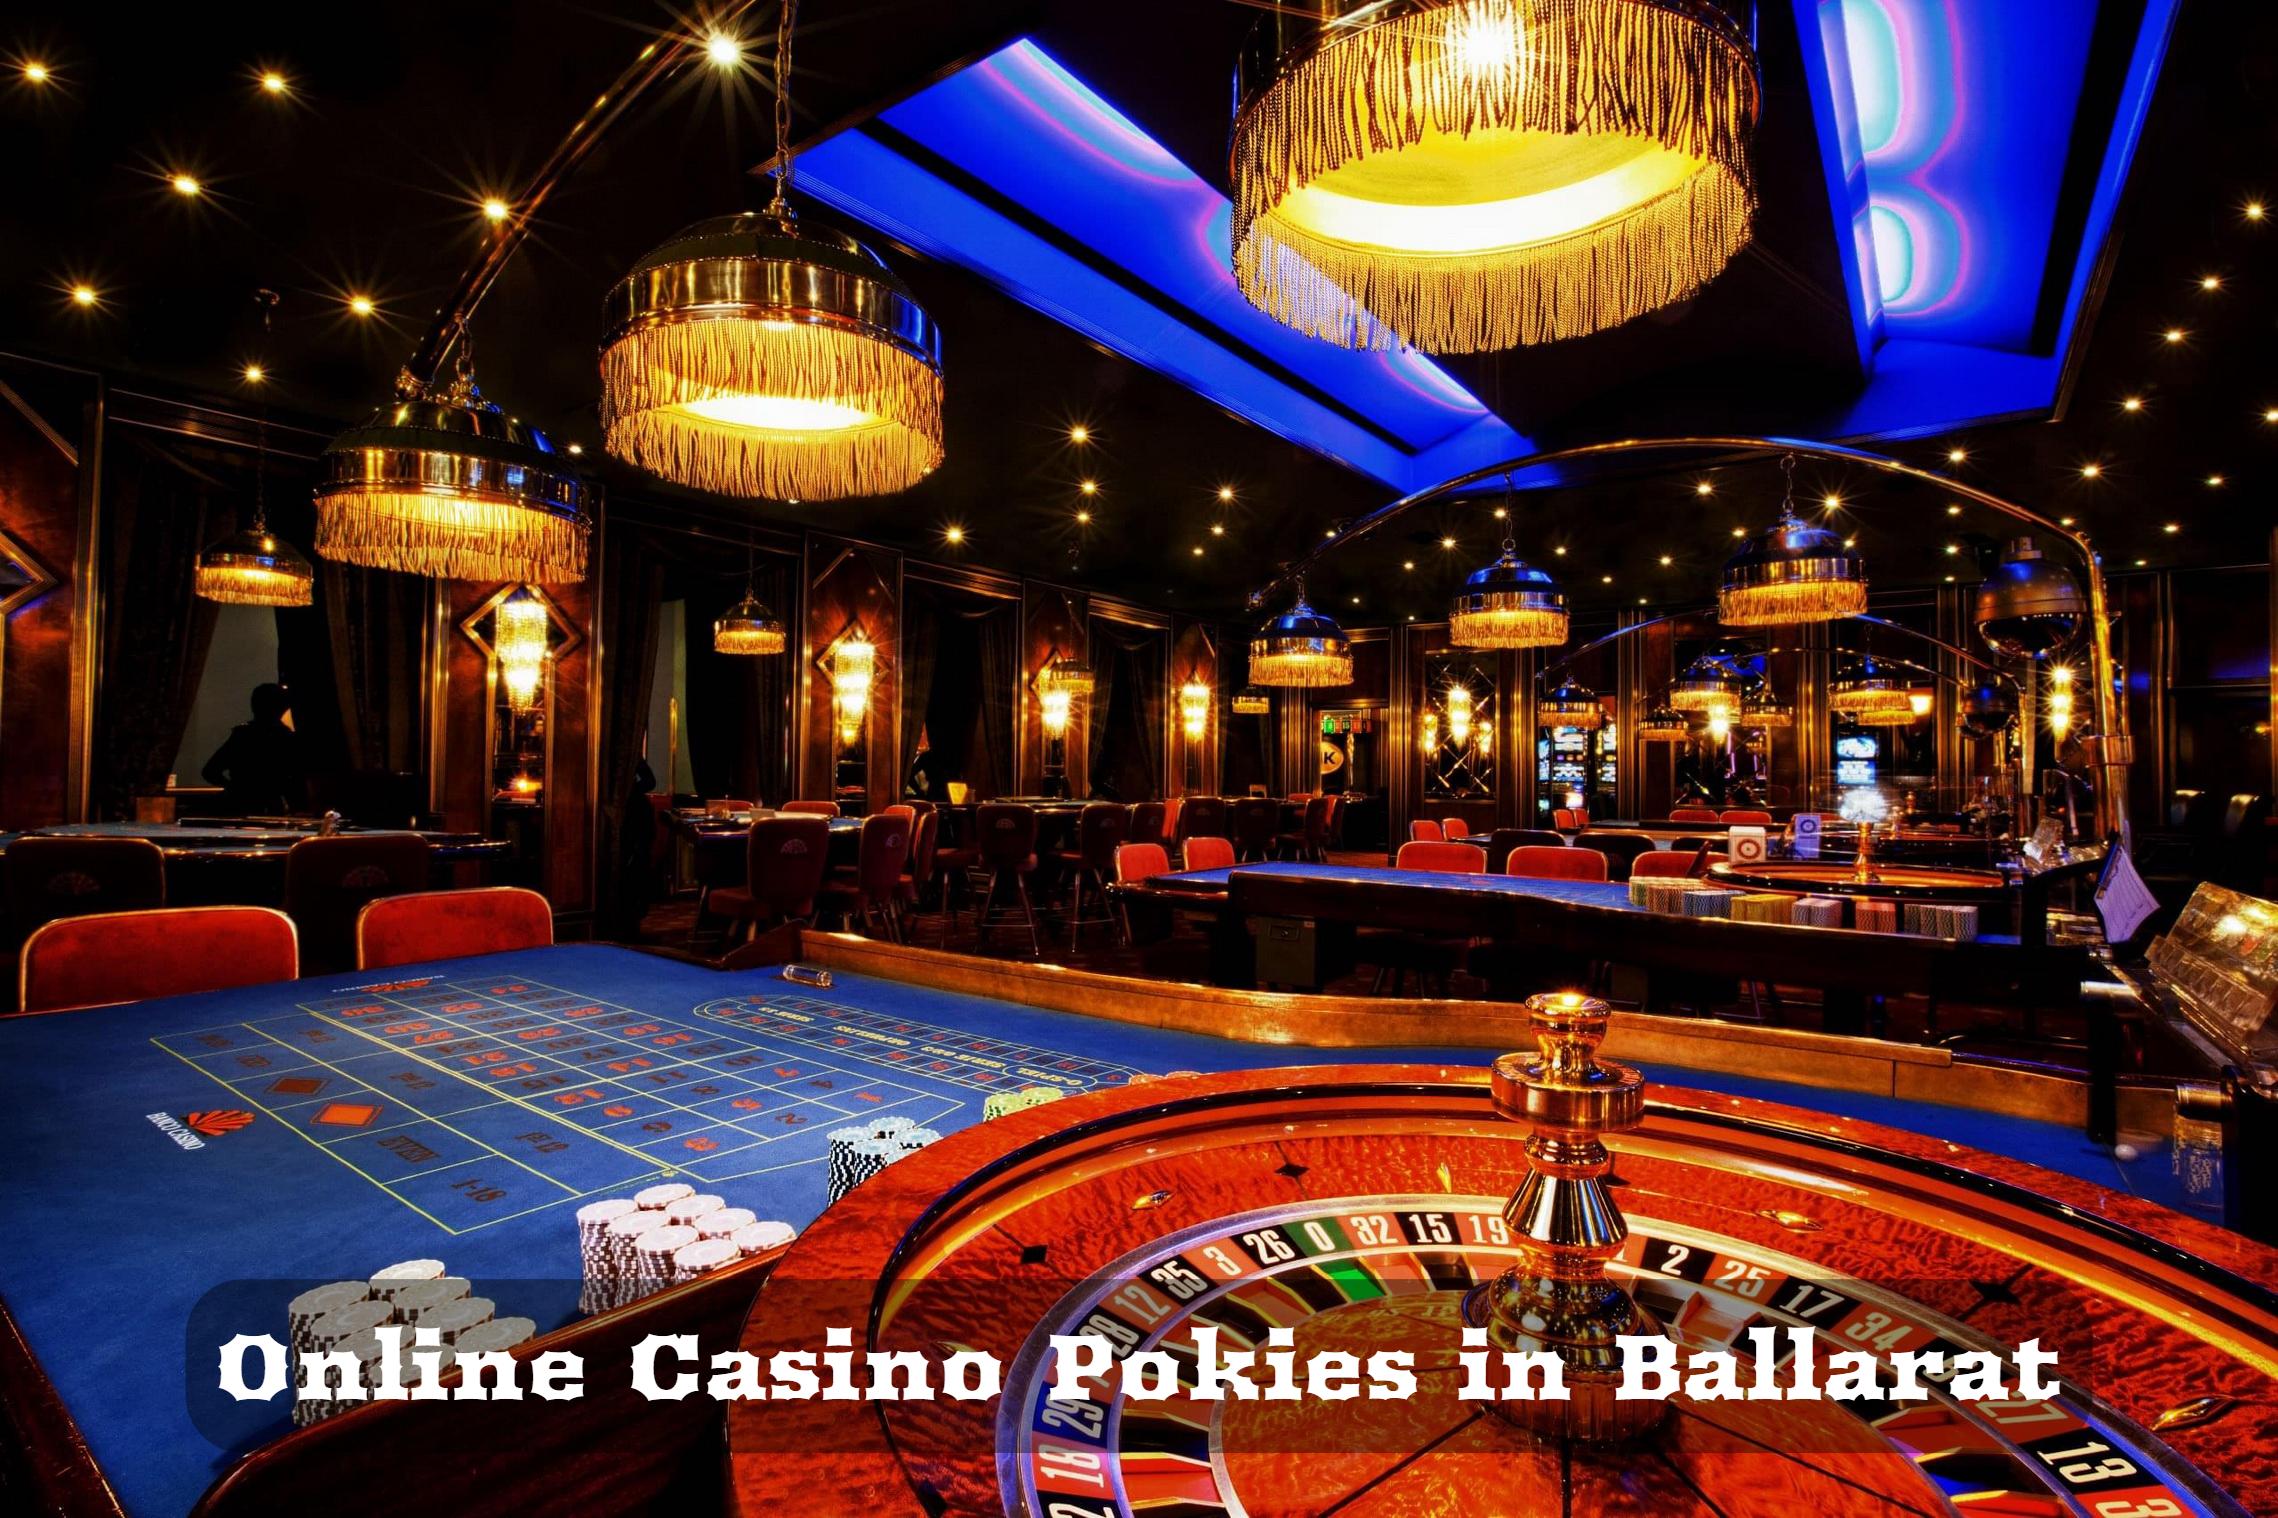 Online Casino Pokies in Ballarat